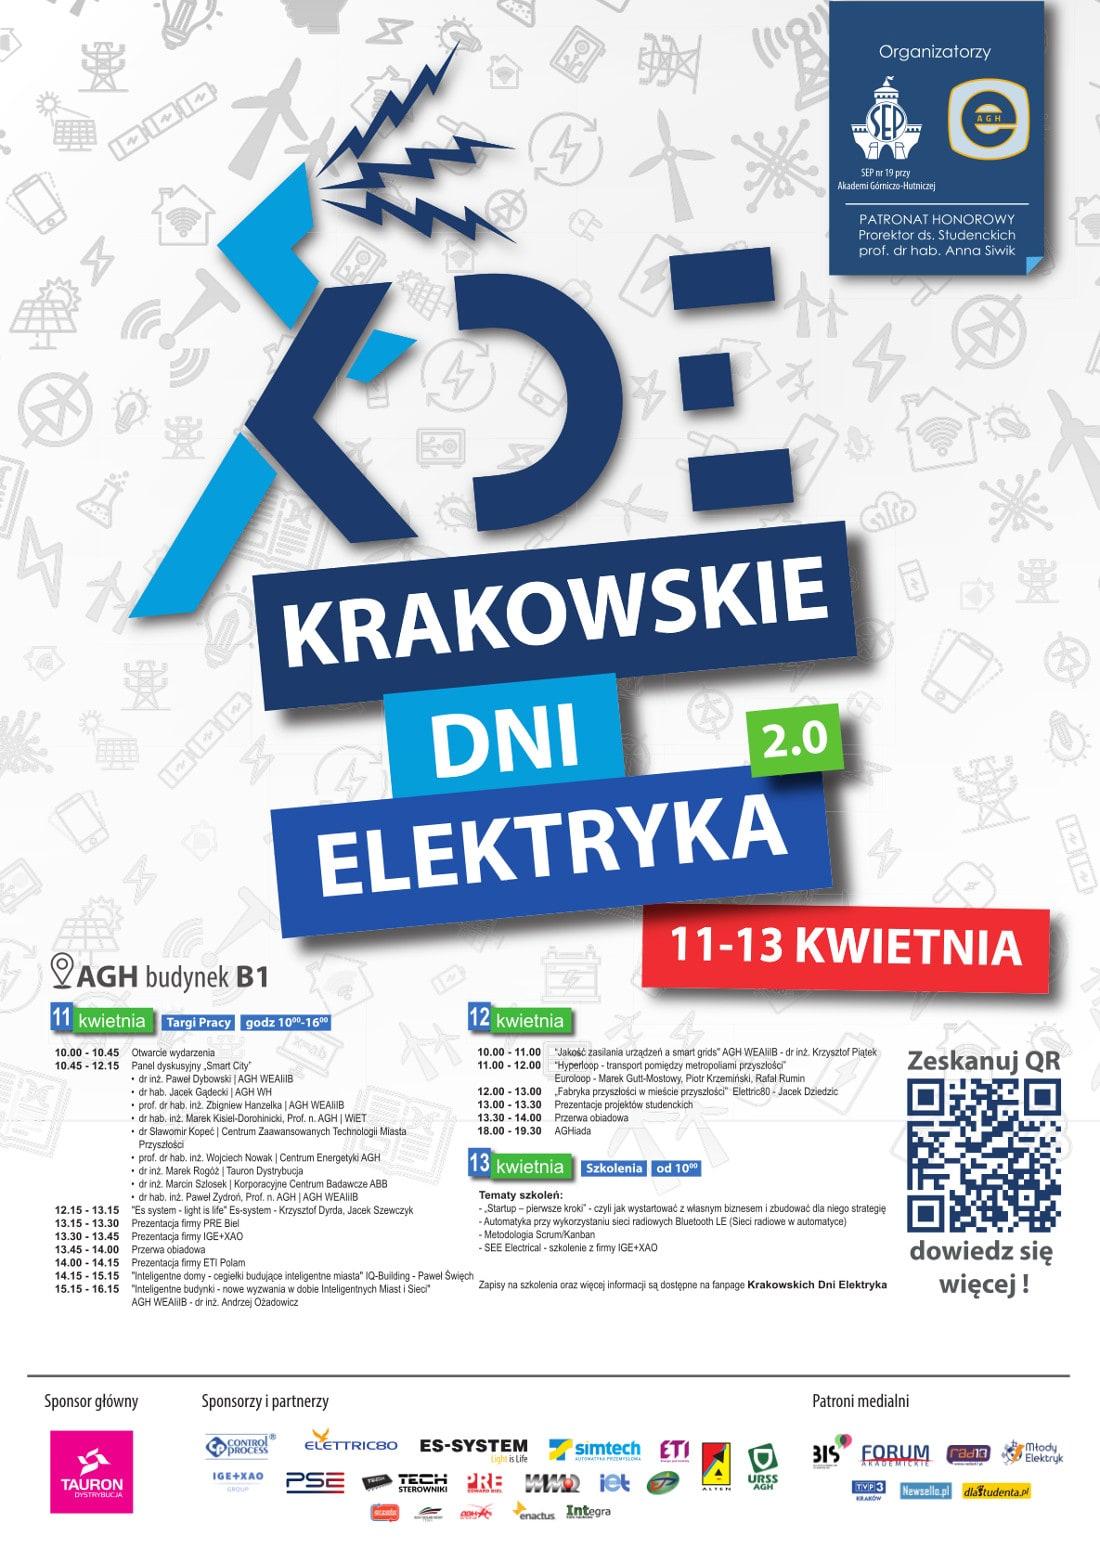 Krakowskie Dni Elektryka odbędą się w dniach 11-13 kwietnia 2018 roku.